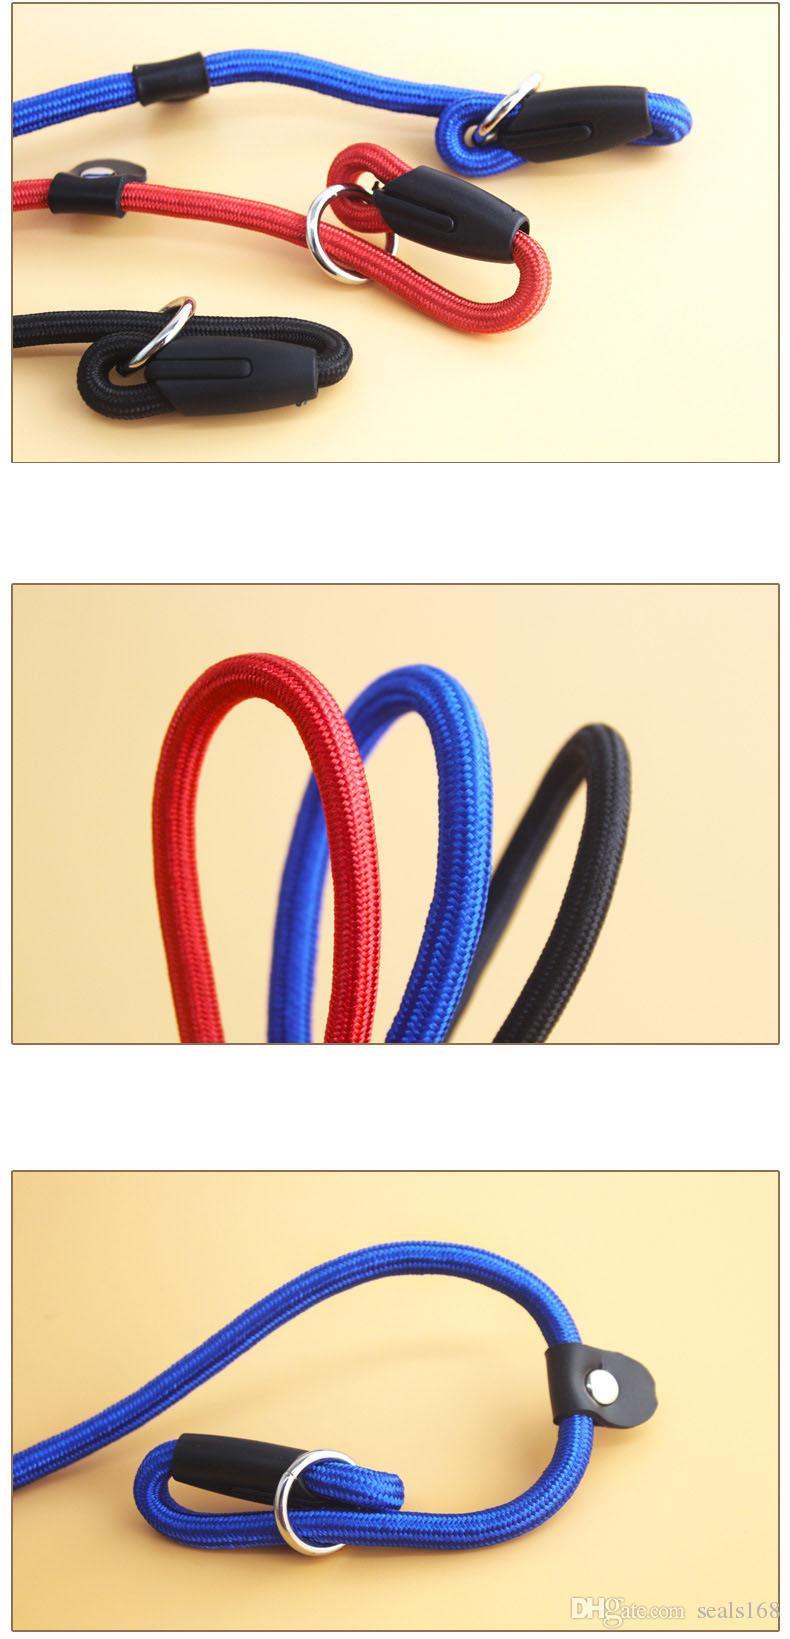 Chien de compagnie Nylon Corde Entraînement Laisse Glissière Courroie de traction Collier réglable Traction Animaux Animaux Corde Fournitures Accessoires 0.6 * 130cm HH7-1173